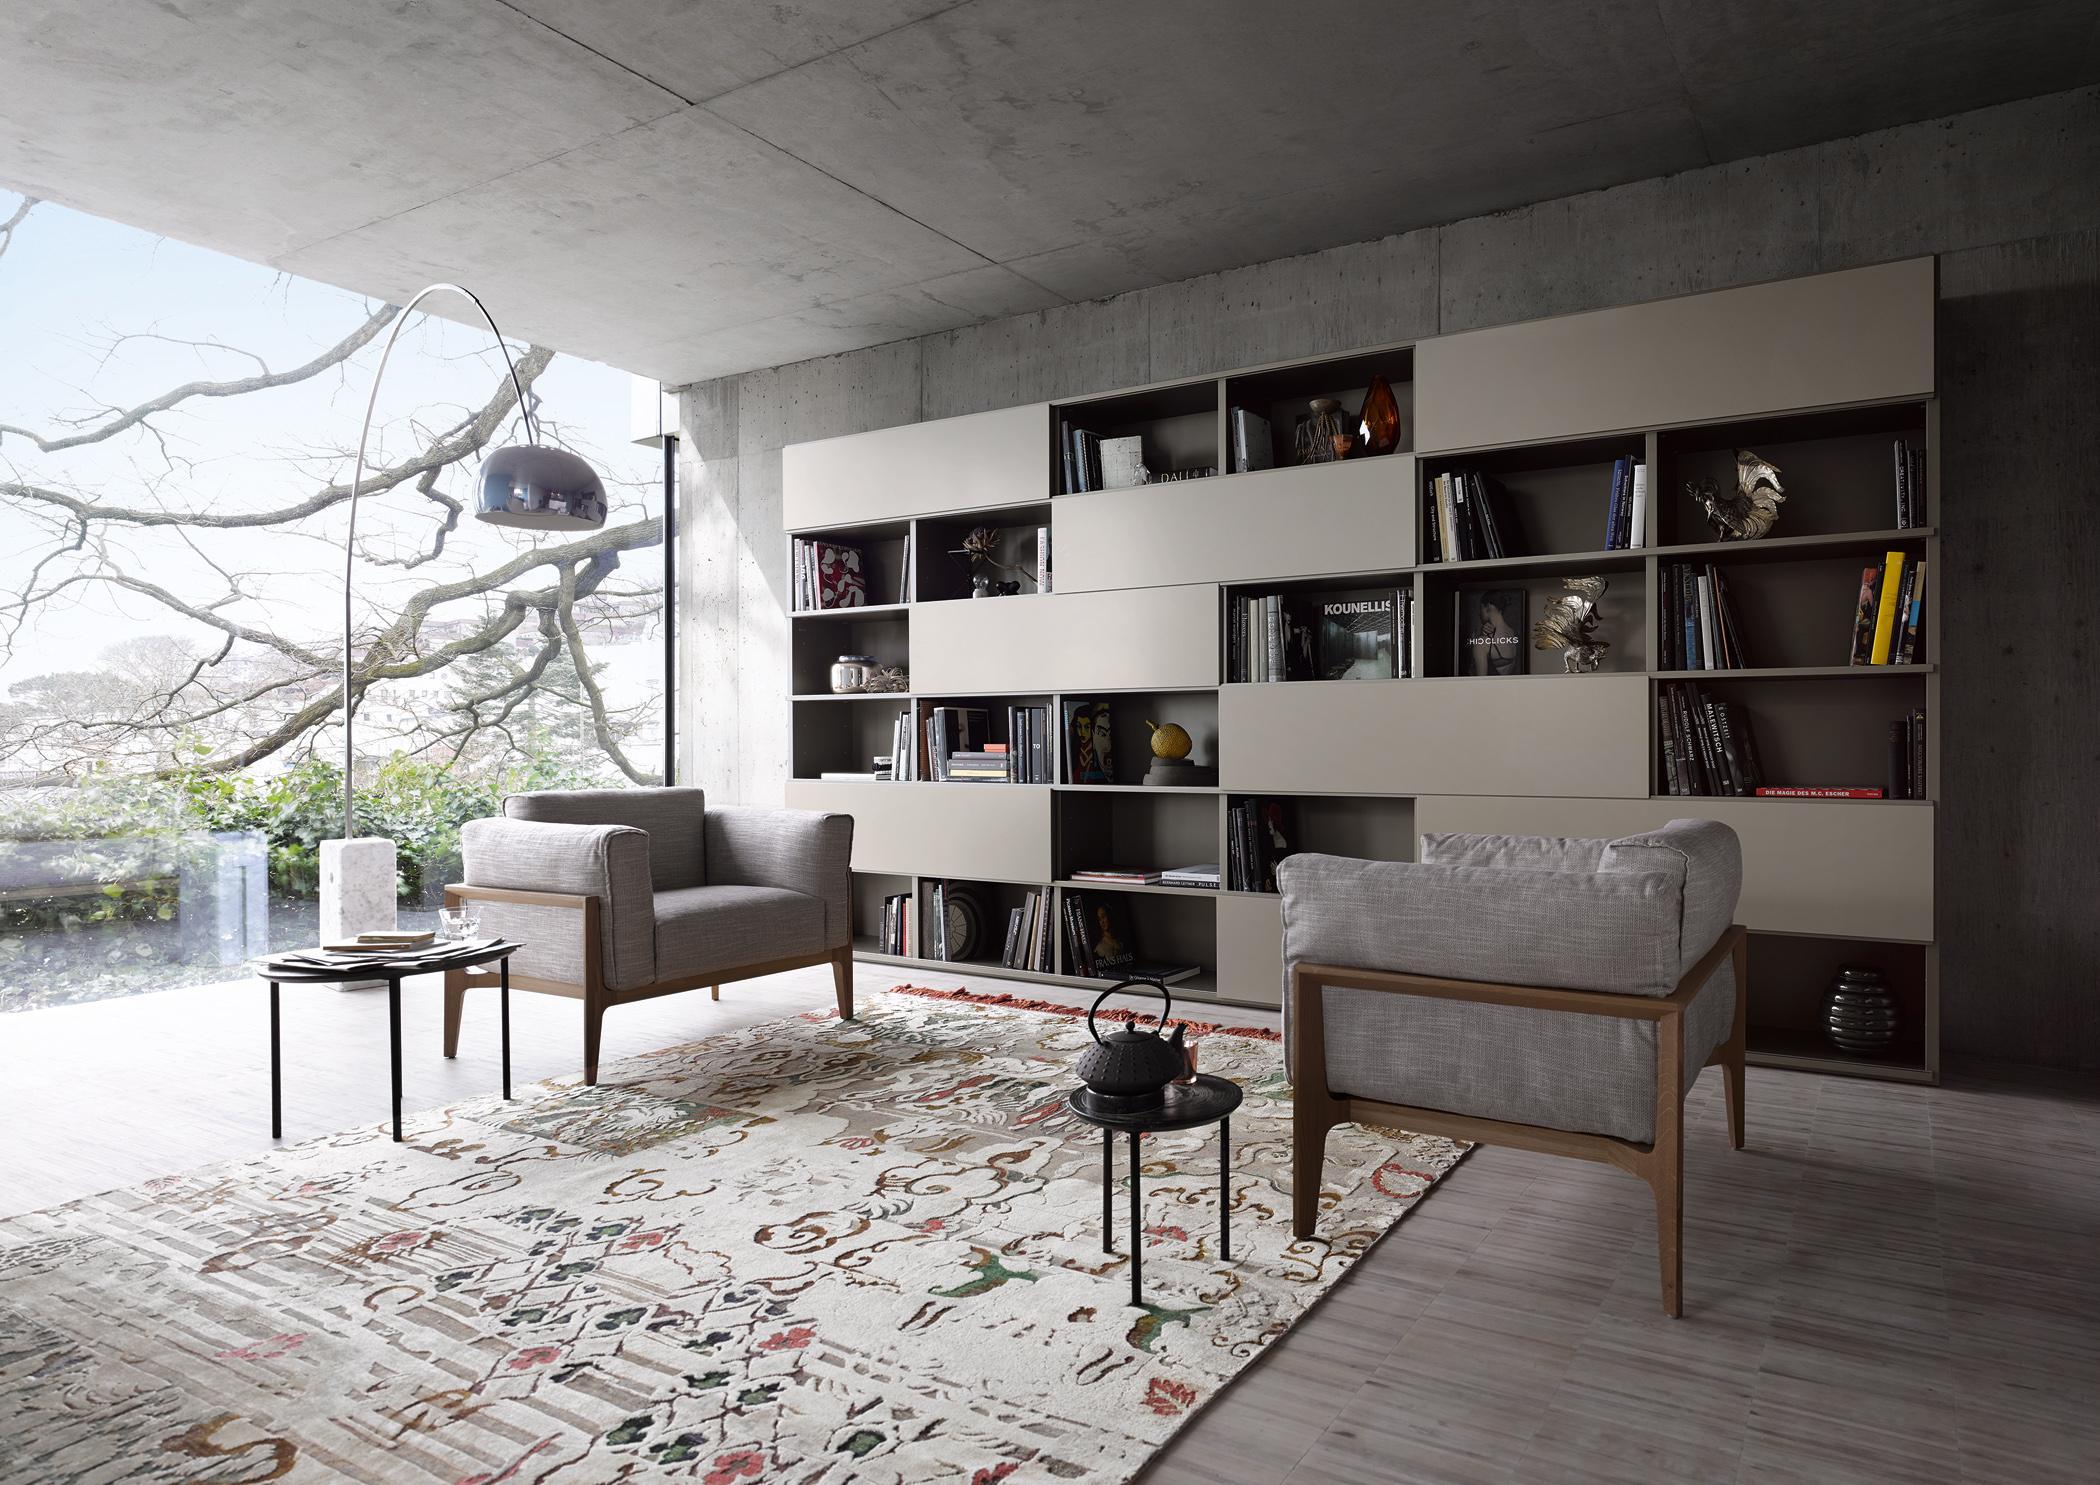 grauer sessel • bilder & ideen • couchstyle, Wohnzimmer dekoo